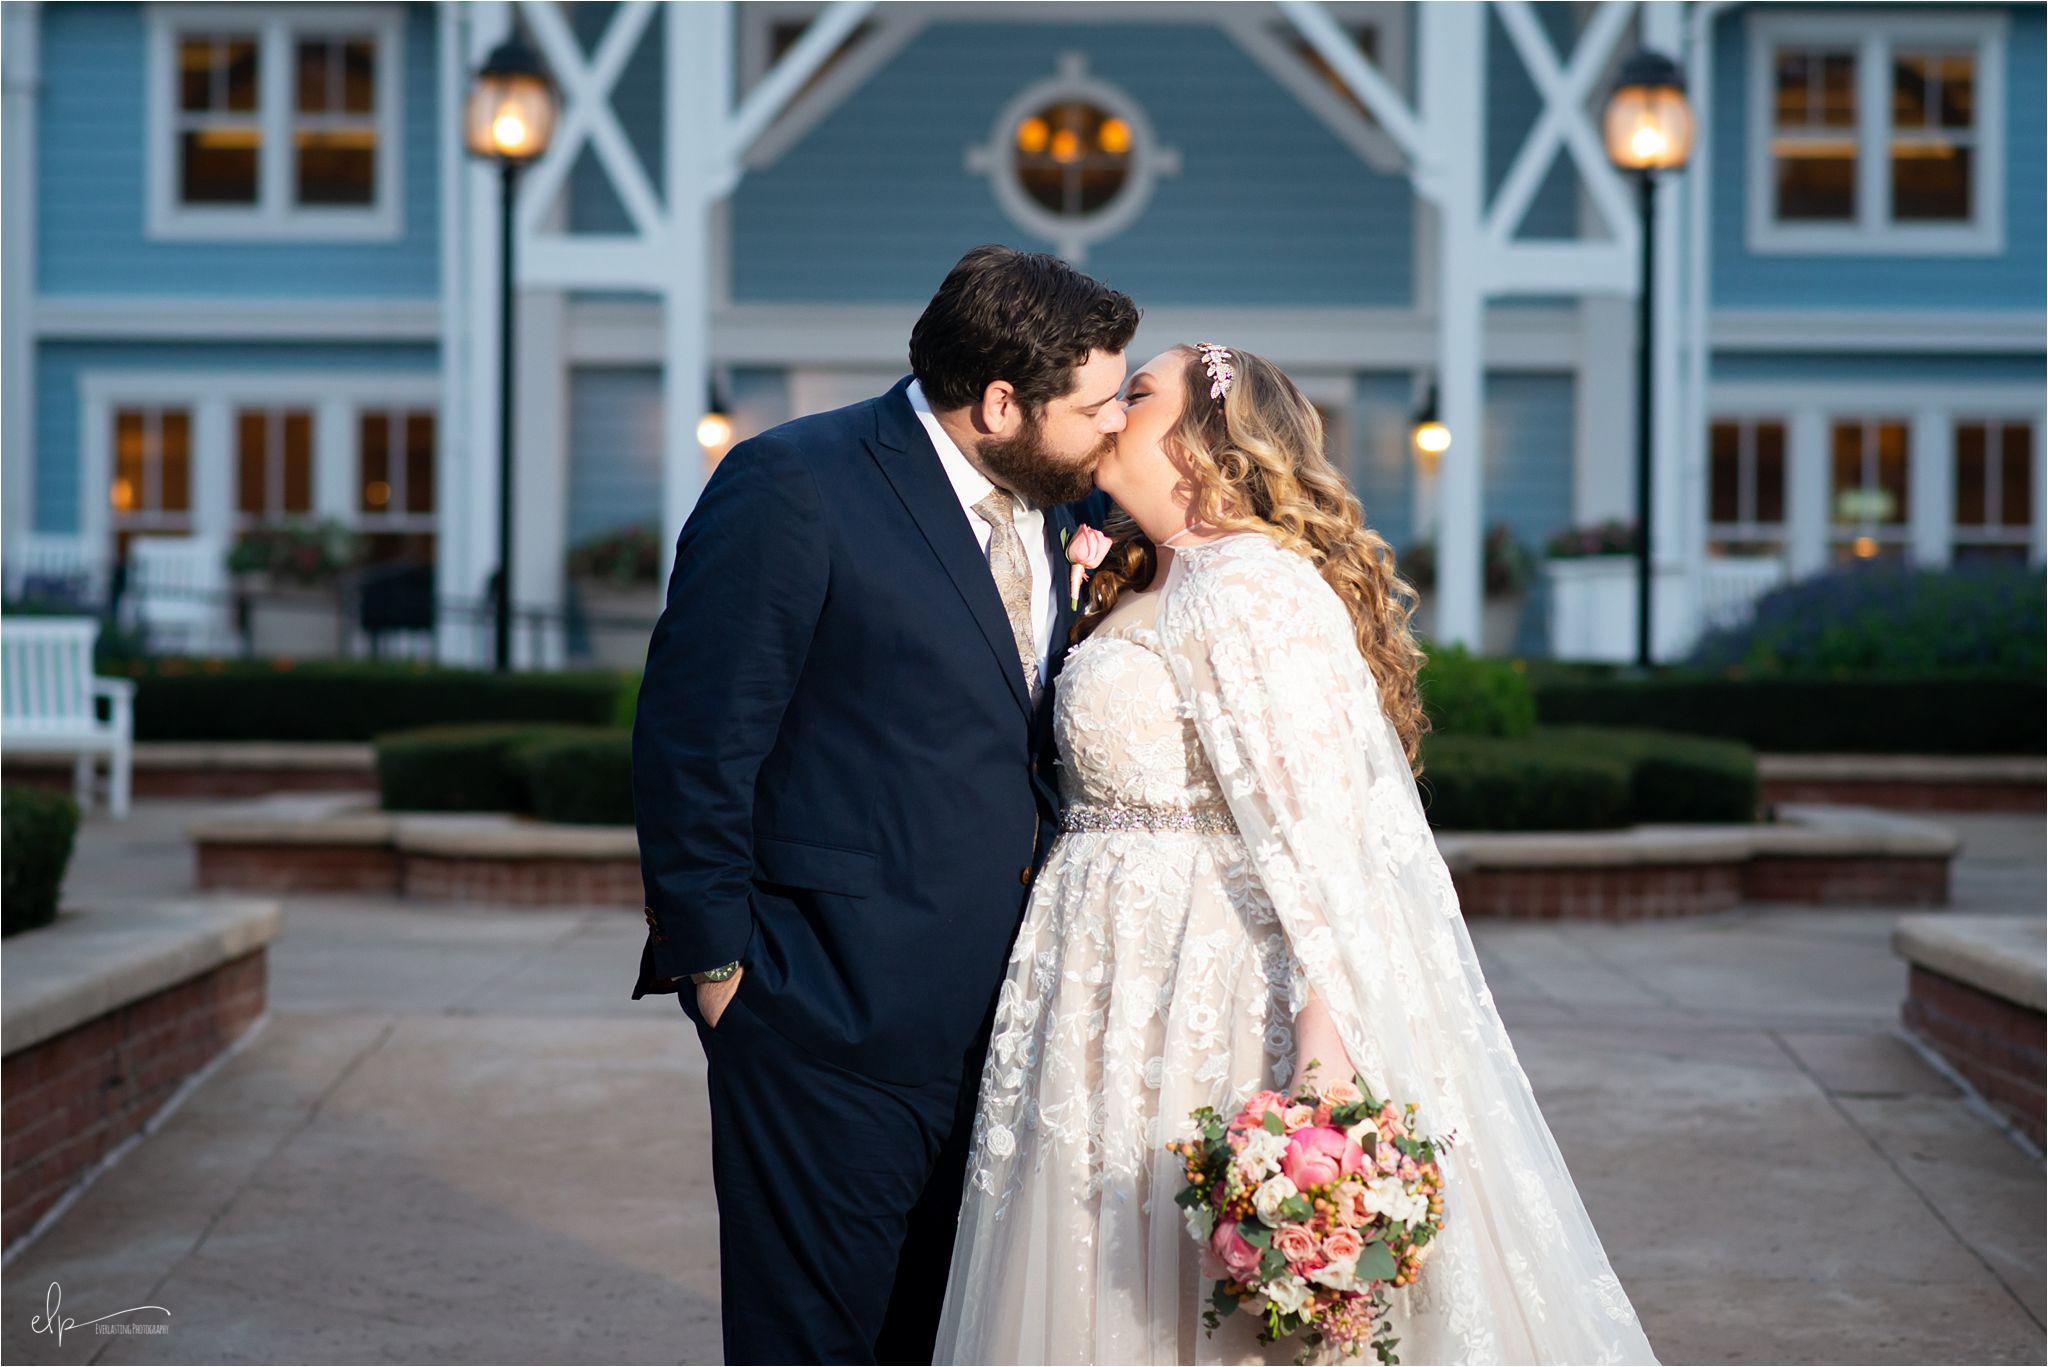 Orlando Florida Best Wedding Photographers